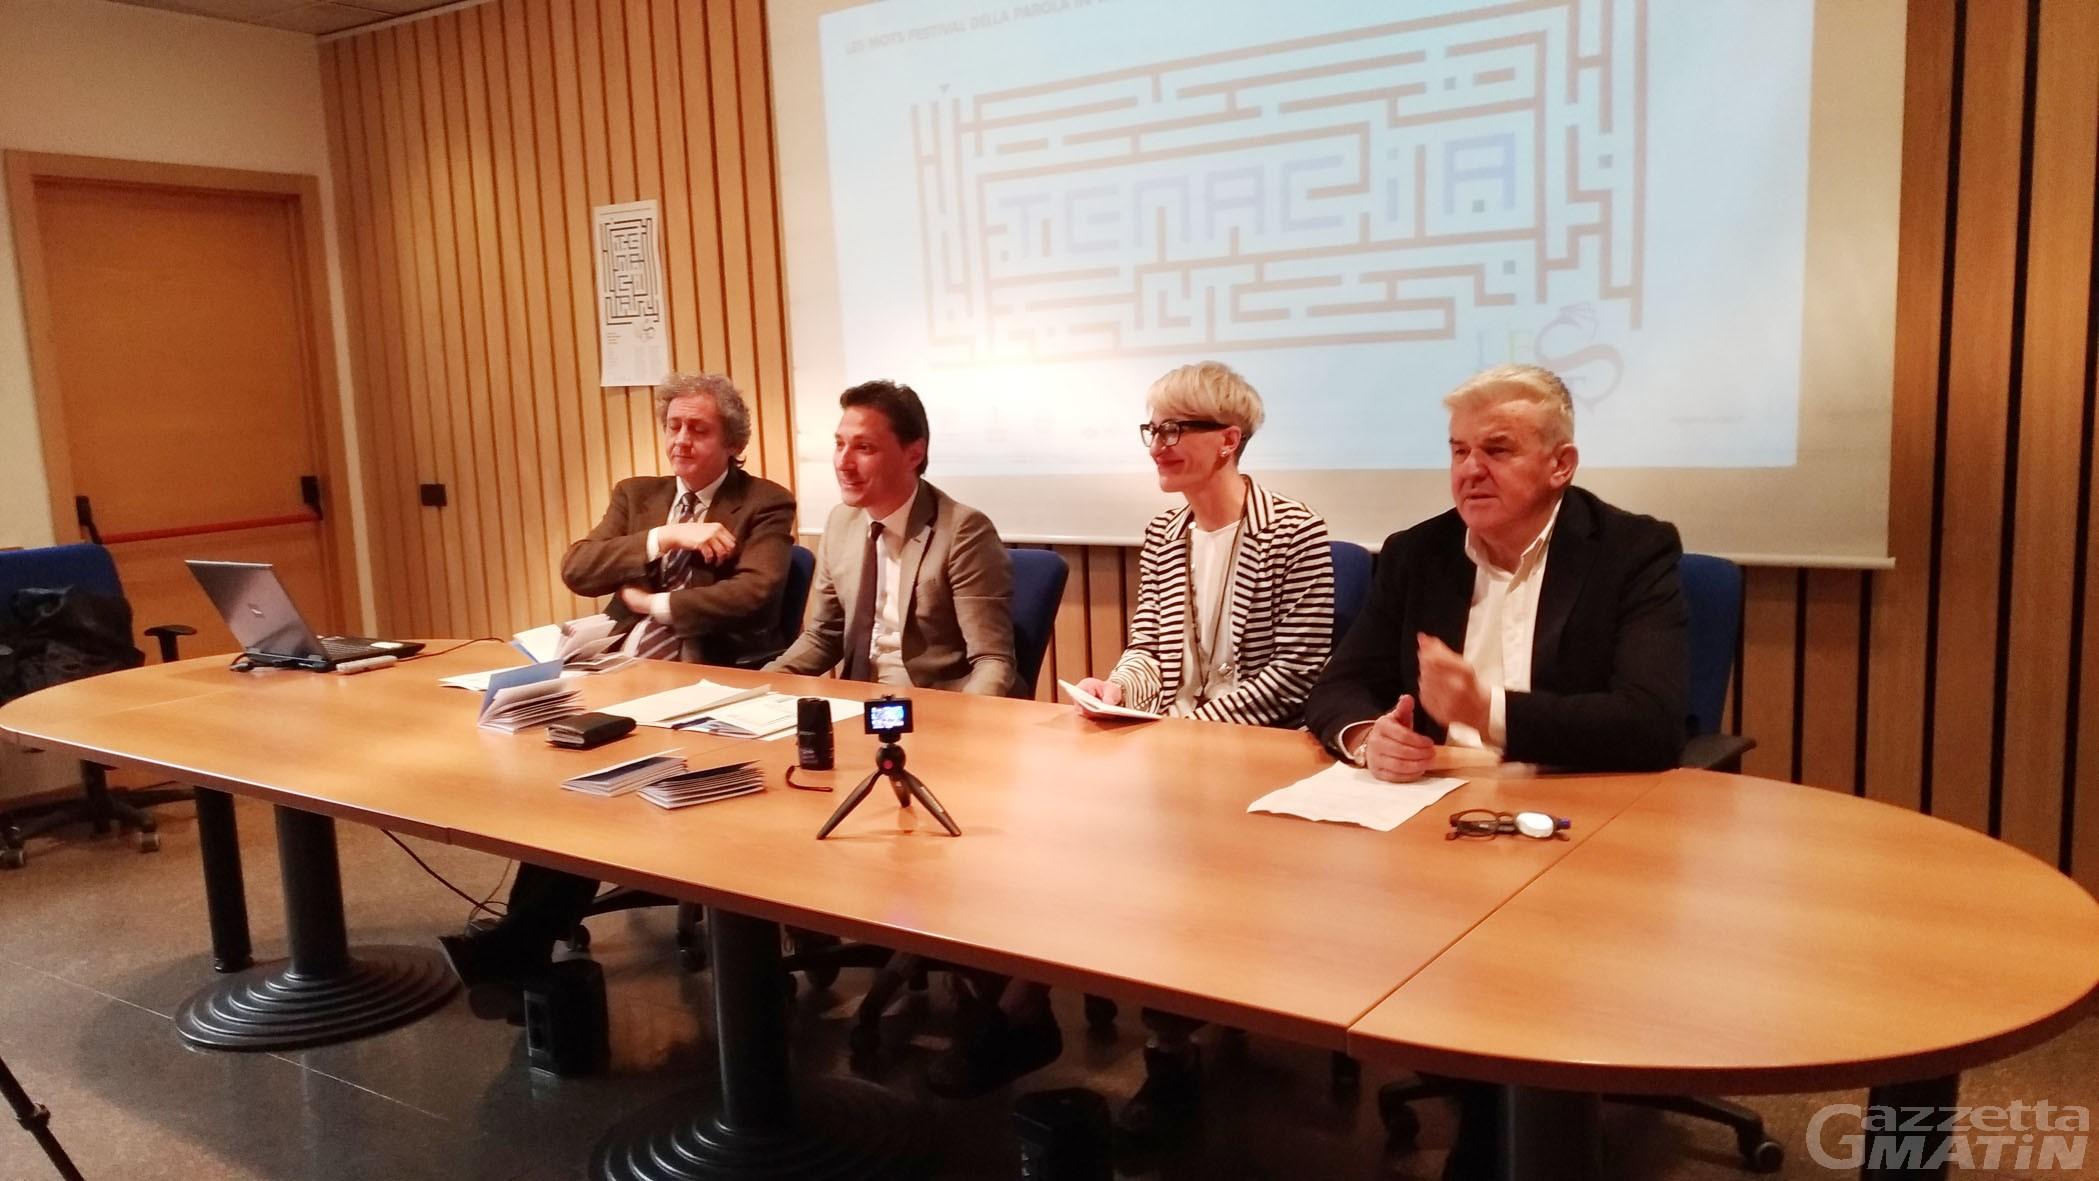 Festival della parola:  David Riondino inaugura Les Mots ad Aosta